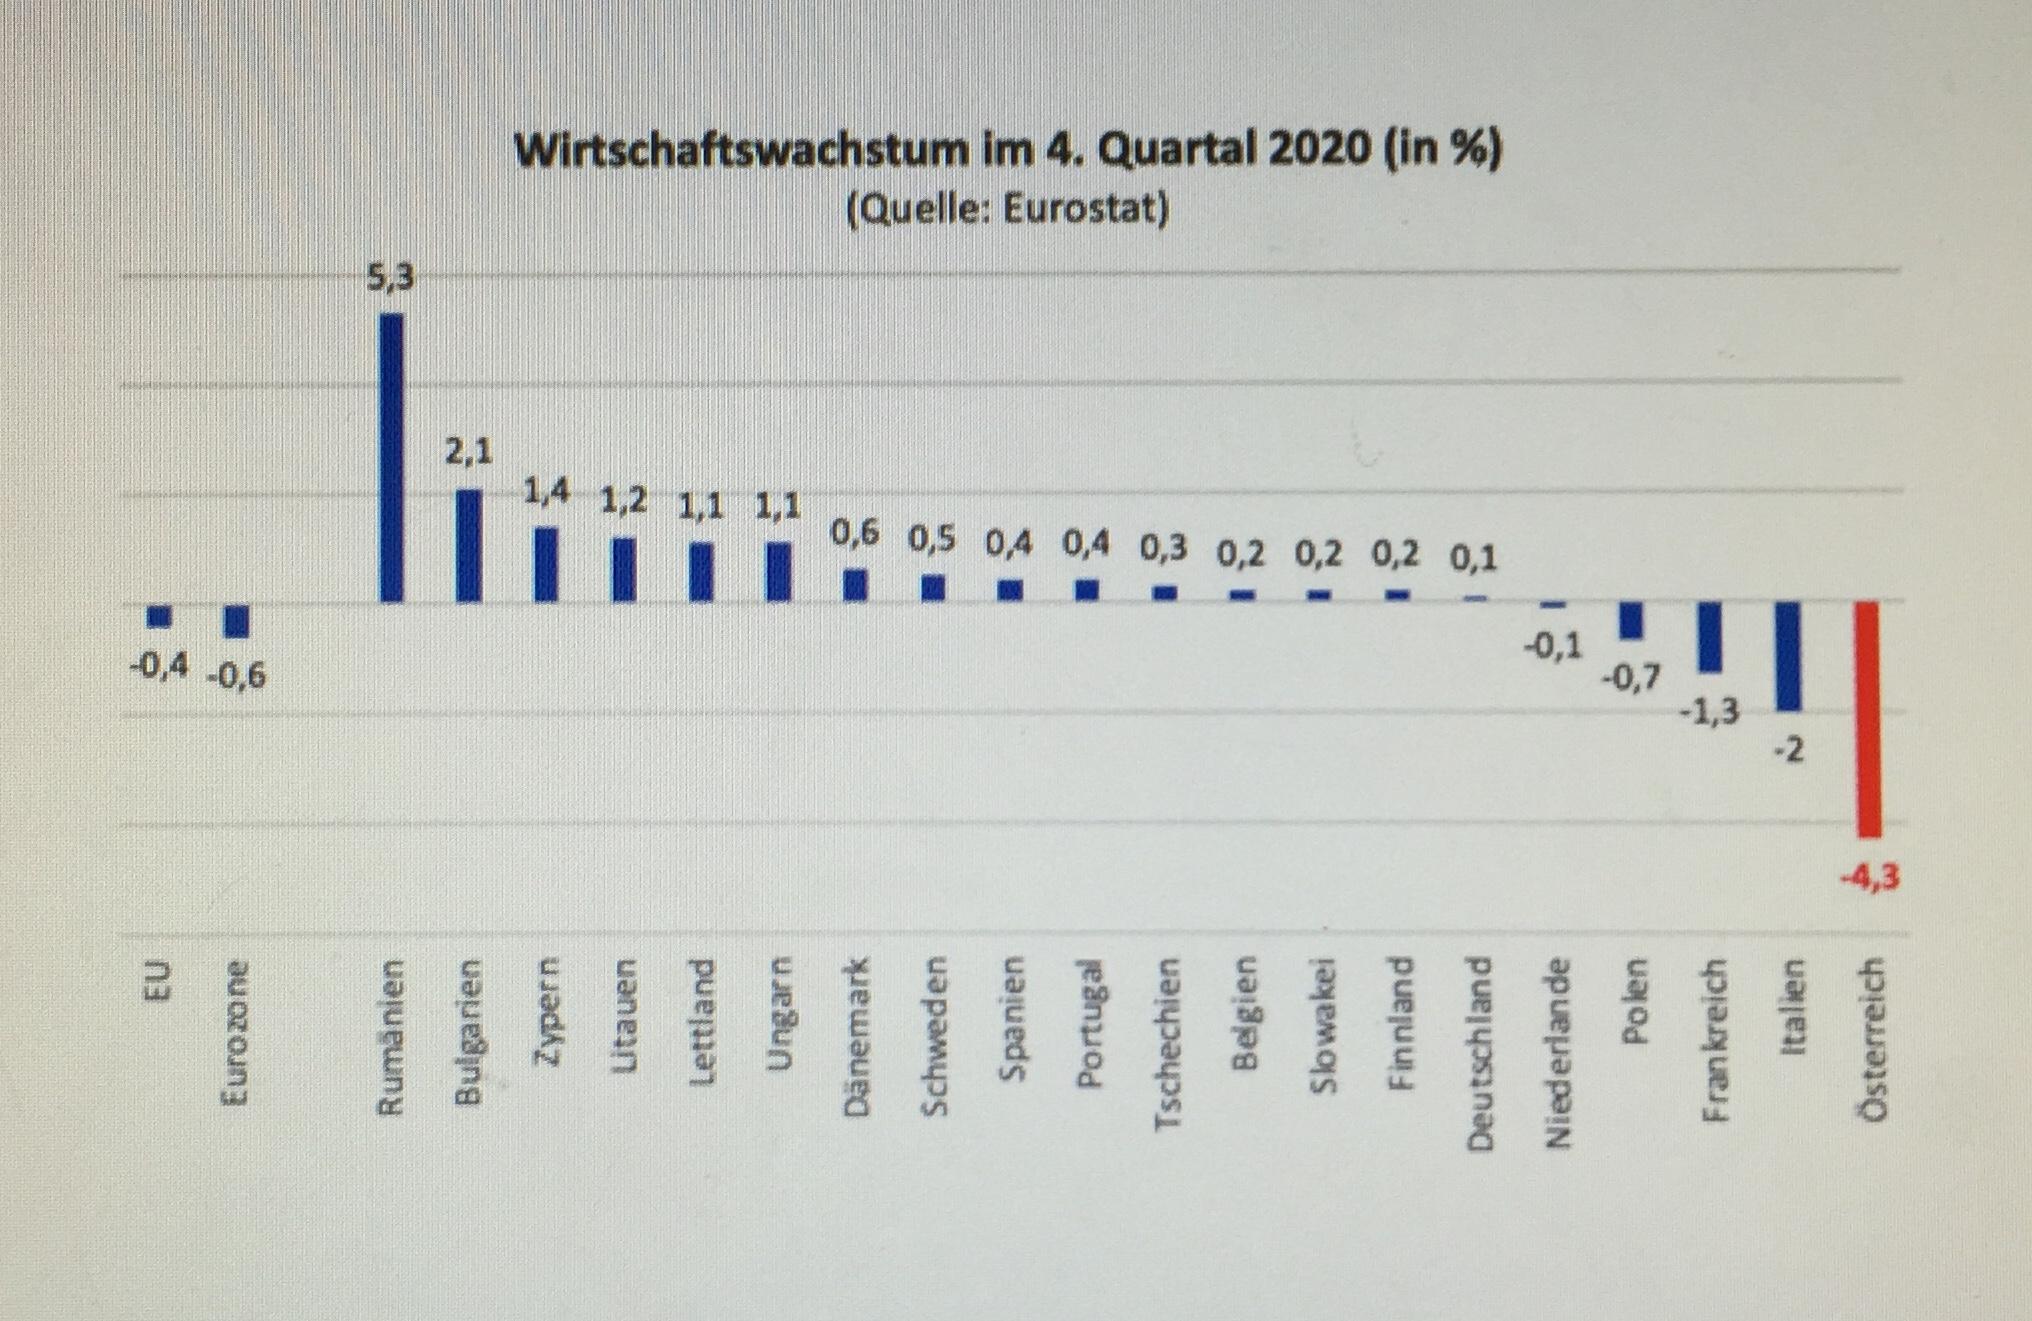 Aktualisierte und ausgeweitete EU-Schätzung zur wirtschaftlichen Entwicklung. Nirgends ist der Einbruch zuletzt auch nur annähernd so groß gewesen wie hierzulande. Das Statistikamt der Europäischen Union, Eurostat, hat eine aktualisierte und auf mehr Länder ausgeweitete Schätzung zur wirtschaftlichen Entwicklung im vierten Quartal des vergangenen Jahres vorgelegt. Österreich bleibt Schlusslicht.  Von Johannes Huber (www.diesubstanz.at, 17.2.2021); www.progression.at